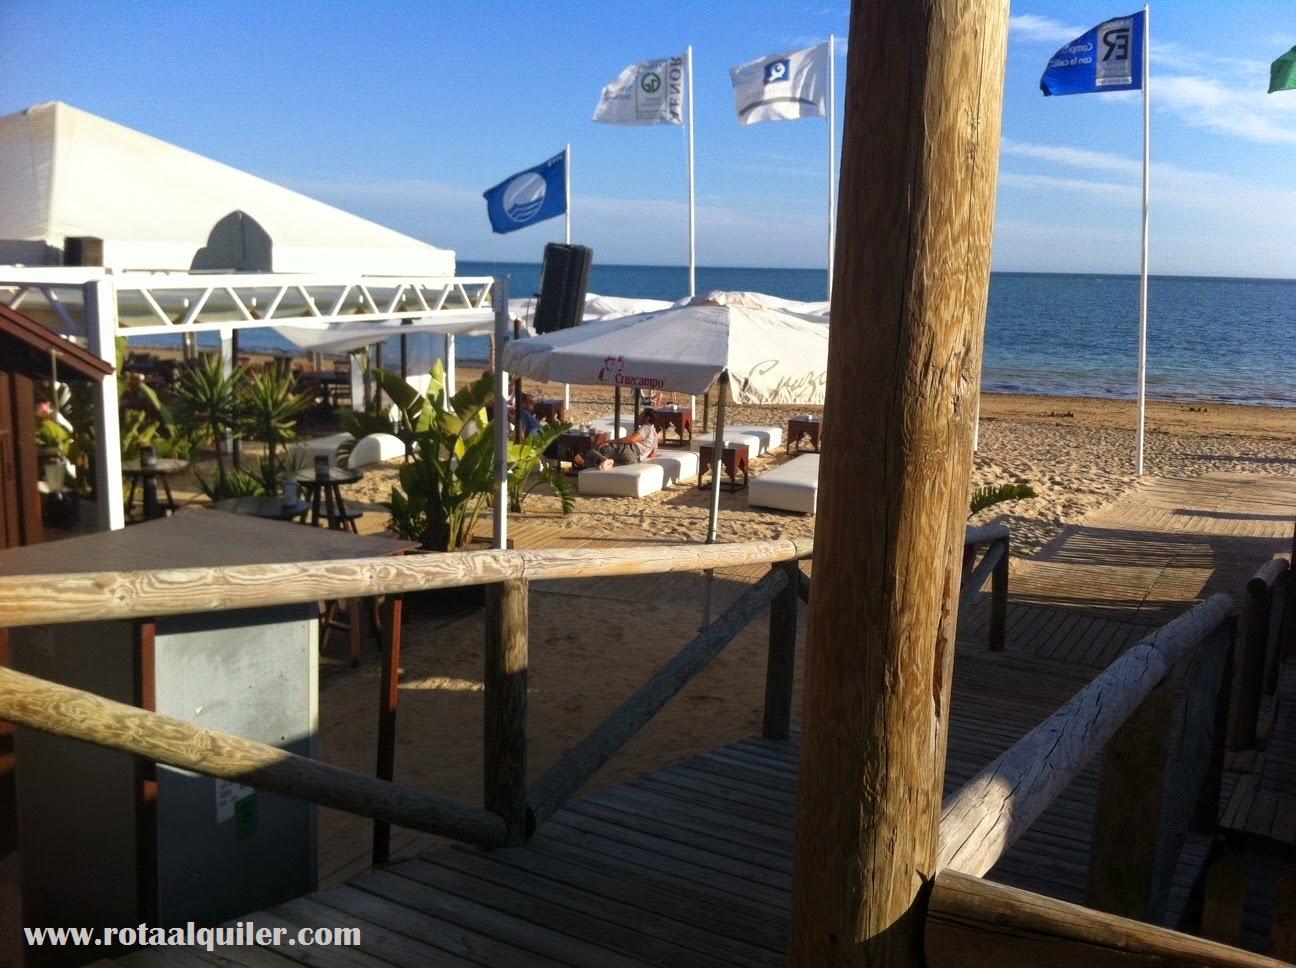 Apartamento en rota cadiz alquiler verano playa a 200 for Alquiler piso rota verano